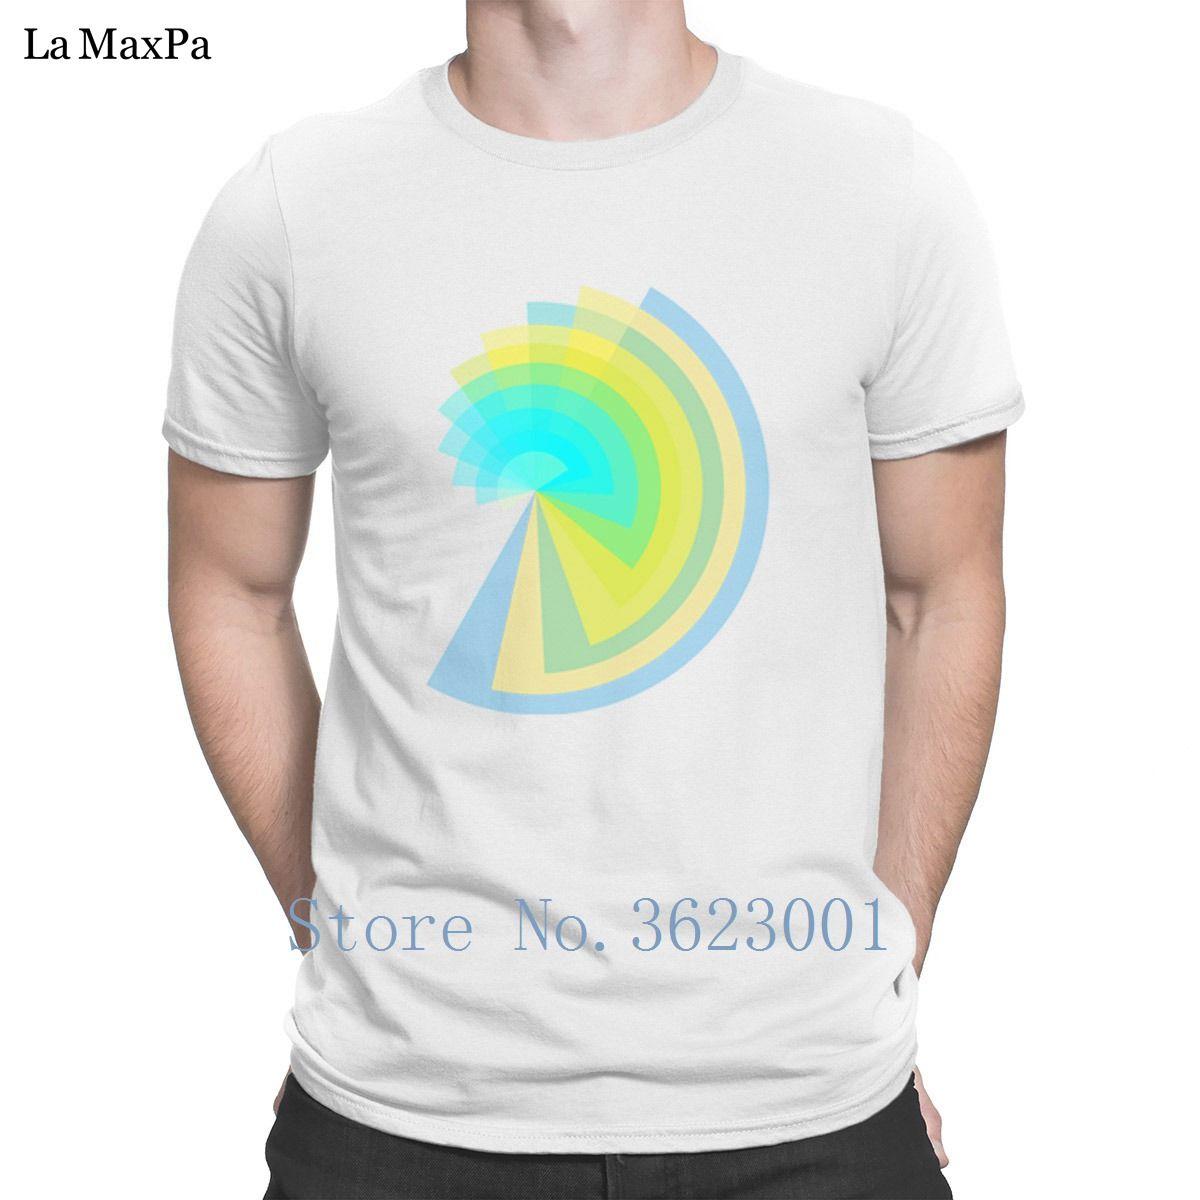 Las camisetas de los hombres de Kawaii vibrante Espiral camiseta Pop Top del manga corta camiseta color sólido de los hombres populares de marca